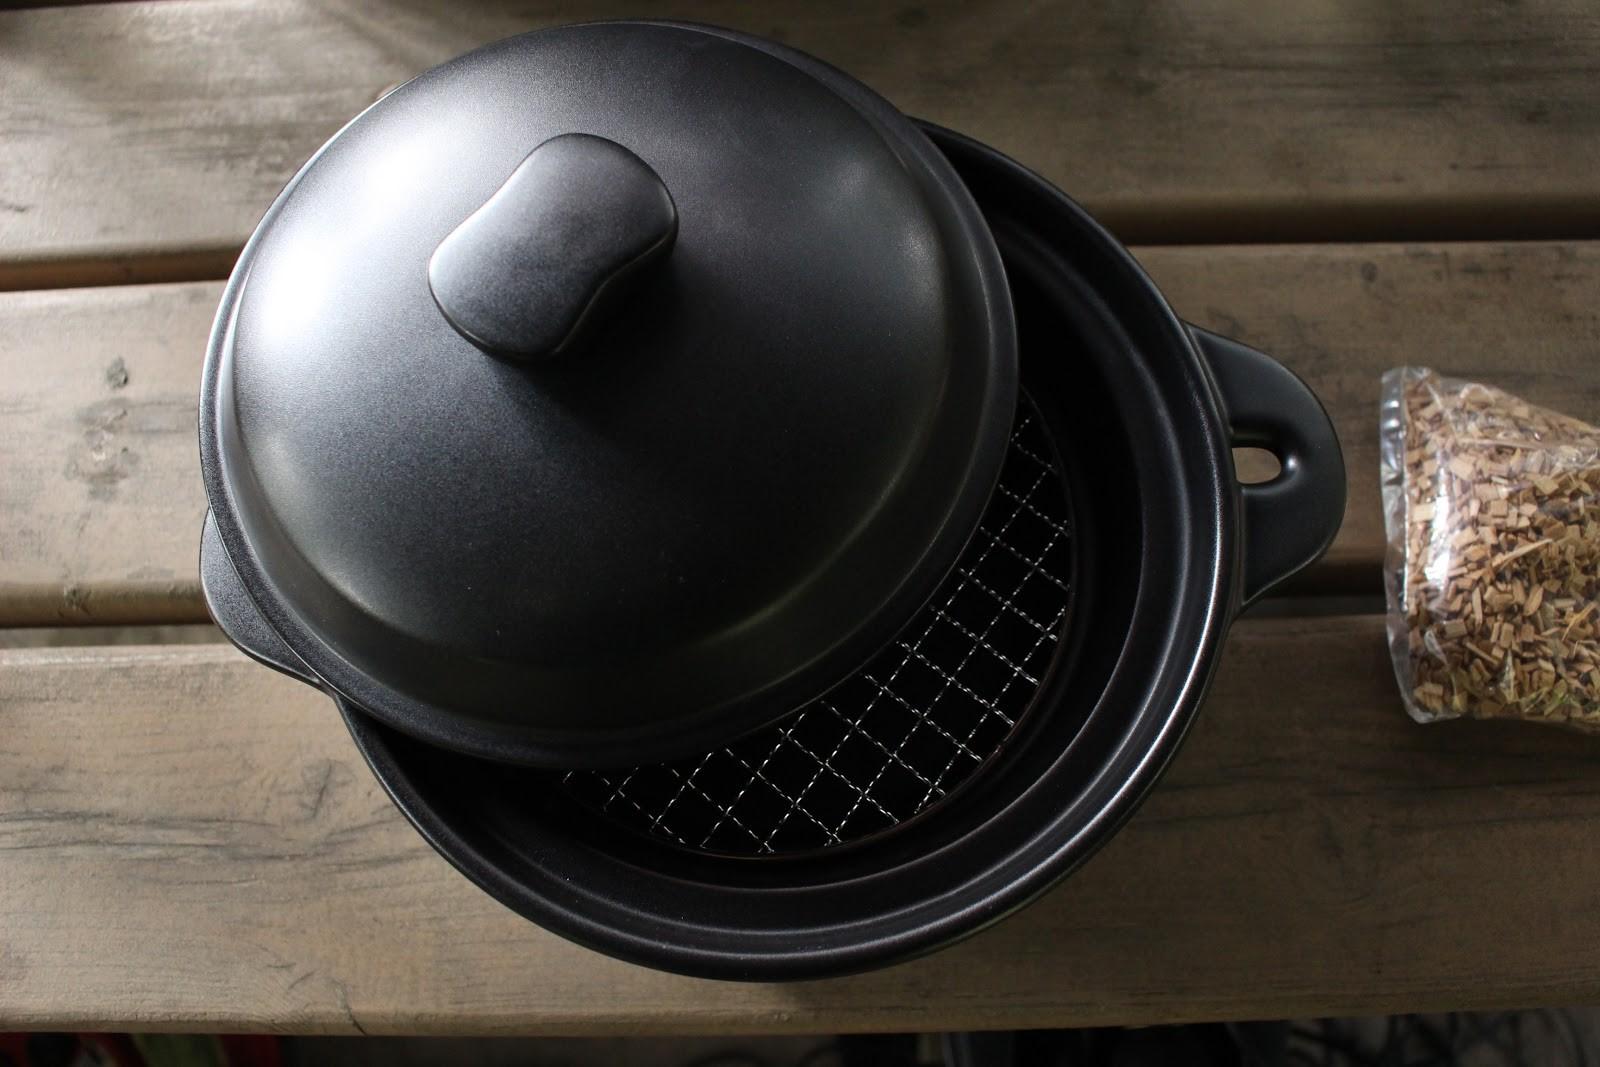 サーモス 保温燻製器イージースモーカー